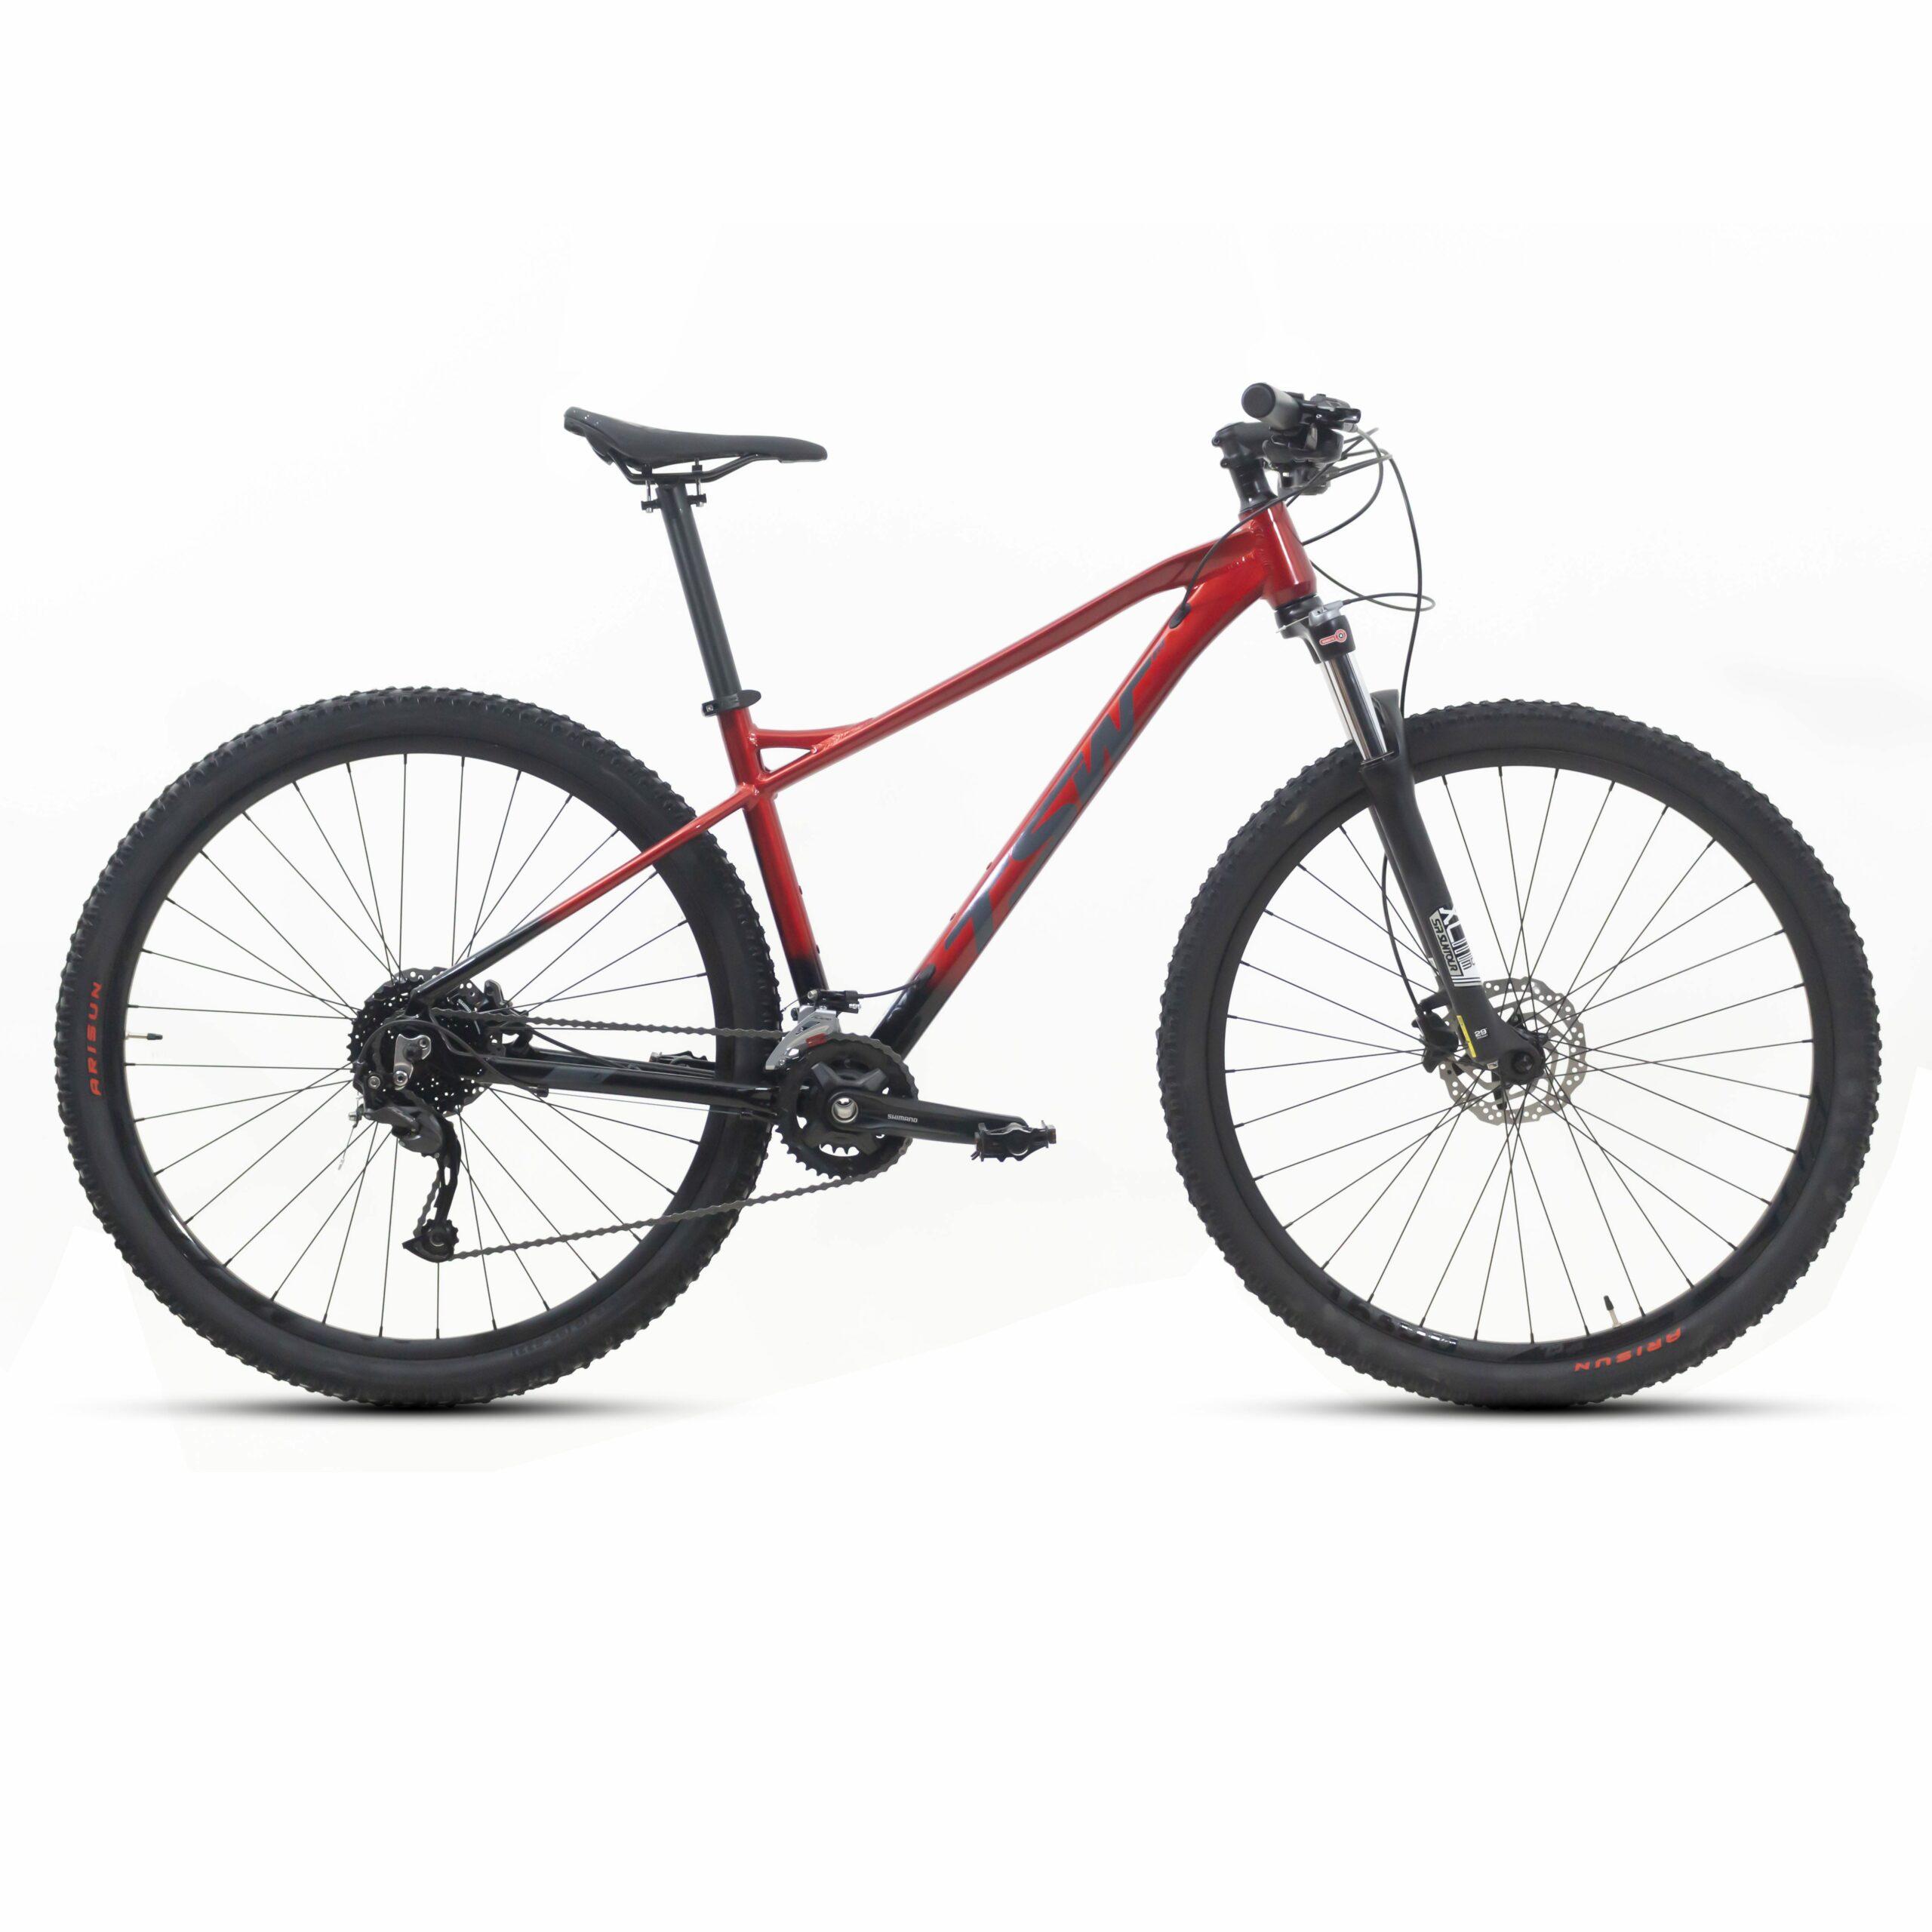 Bicicleta TSW Stamina | 2021/2022 |Linha com Freios X-TIME 5